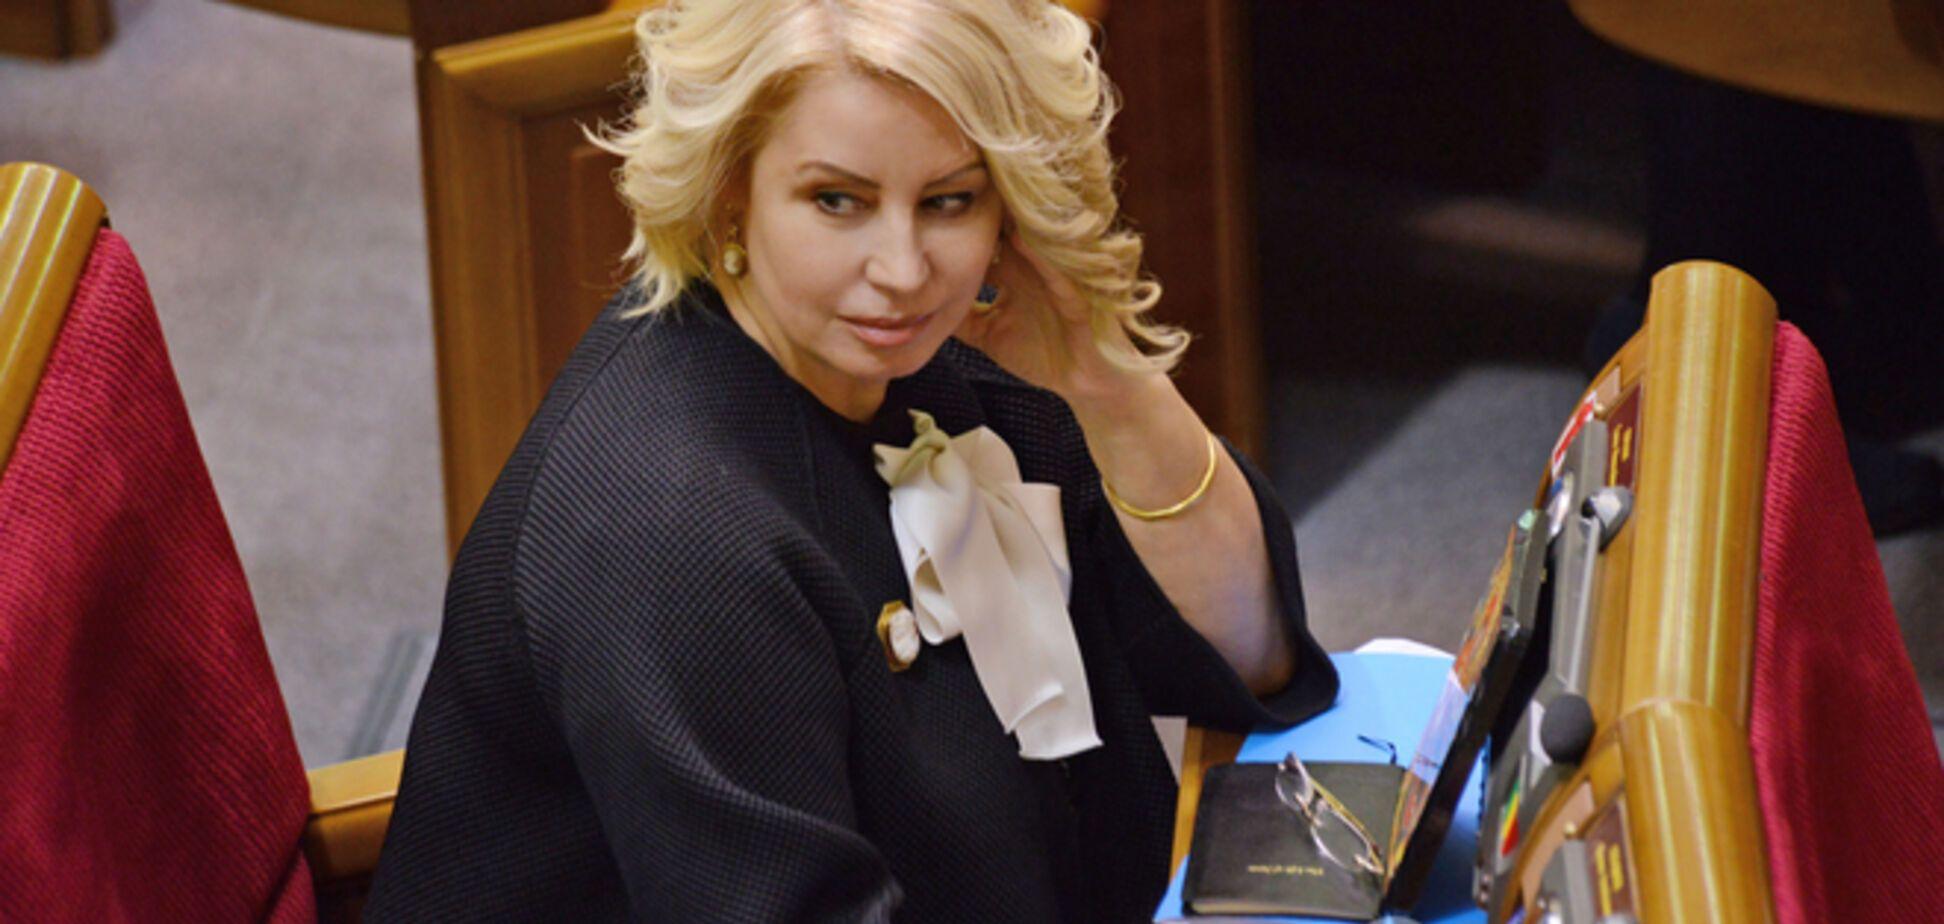 Анна Герман: Порошенко услышал Донбасс